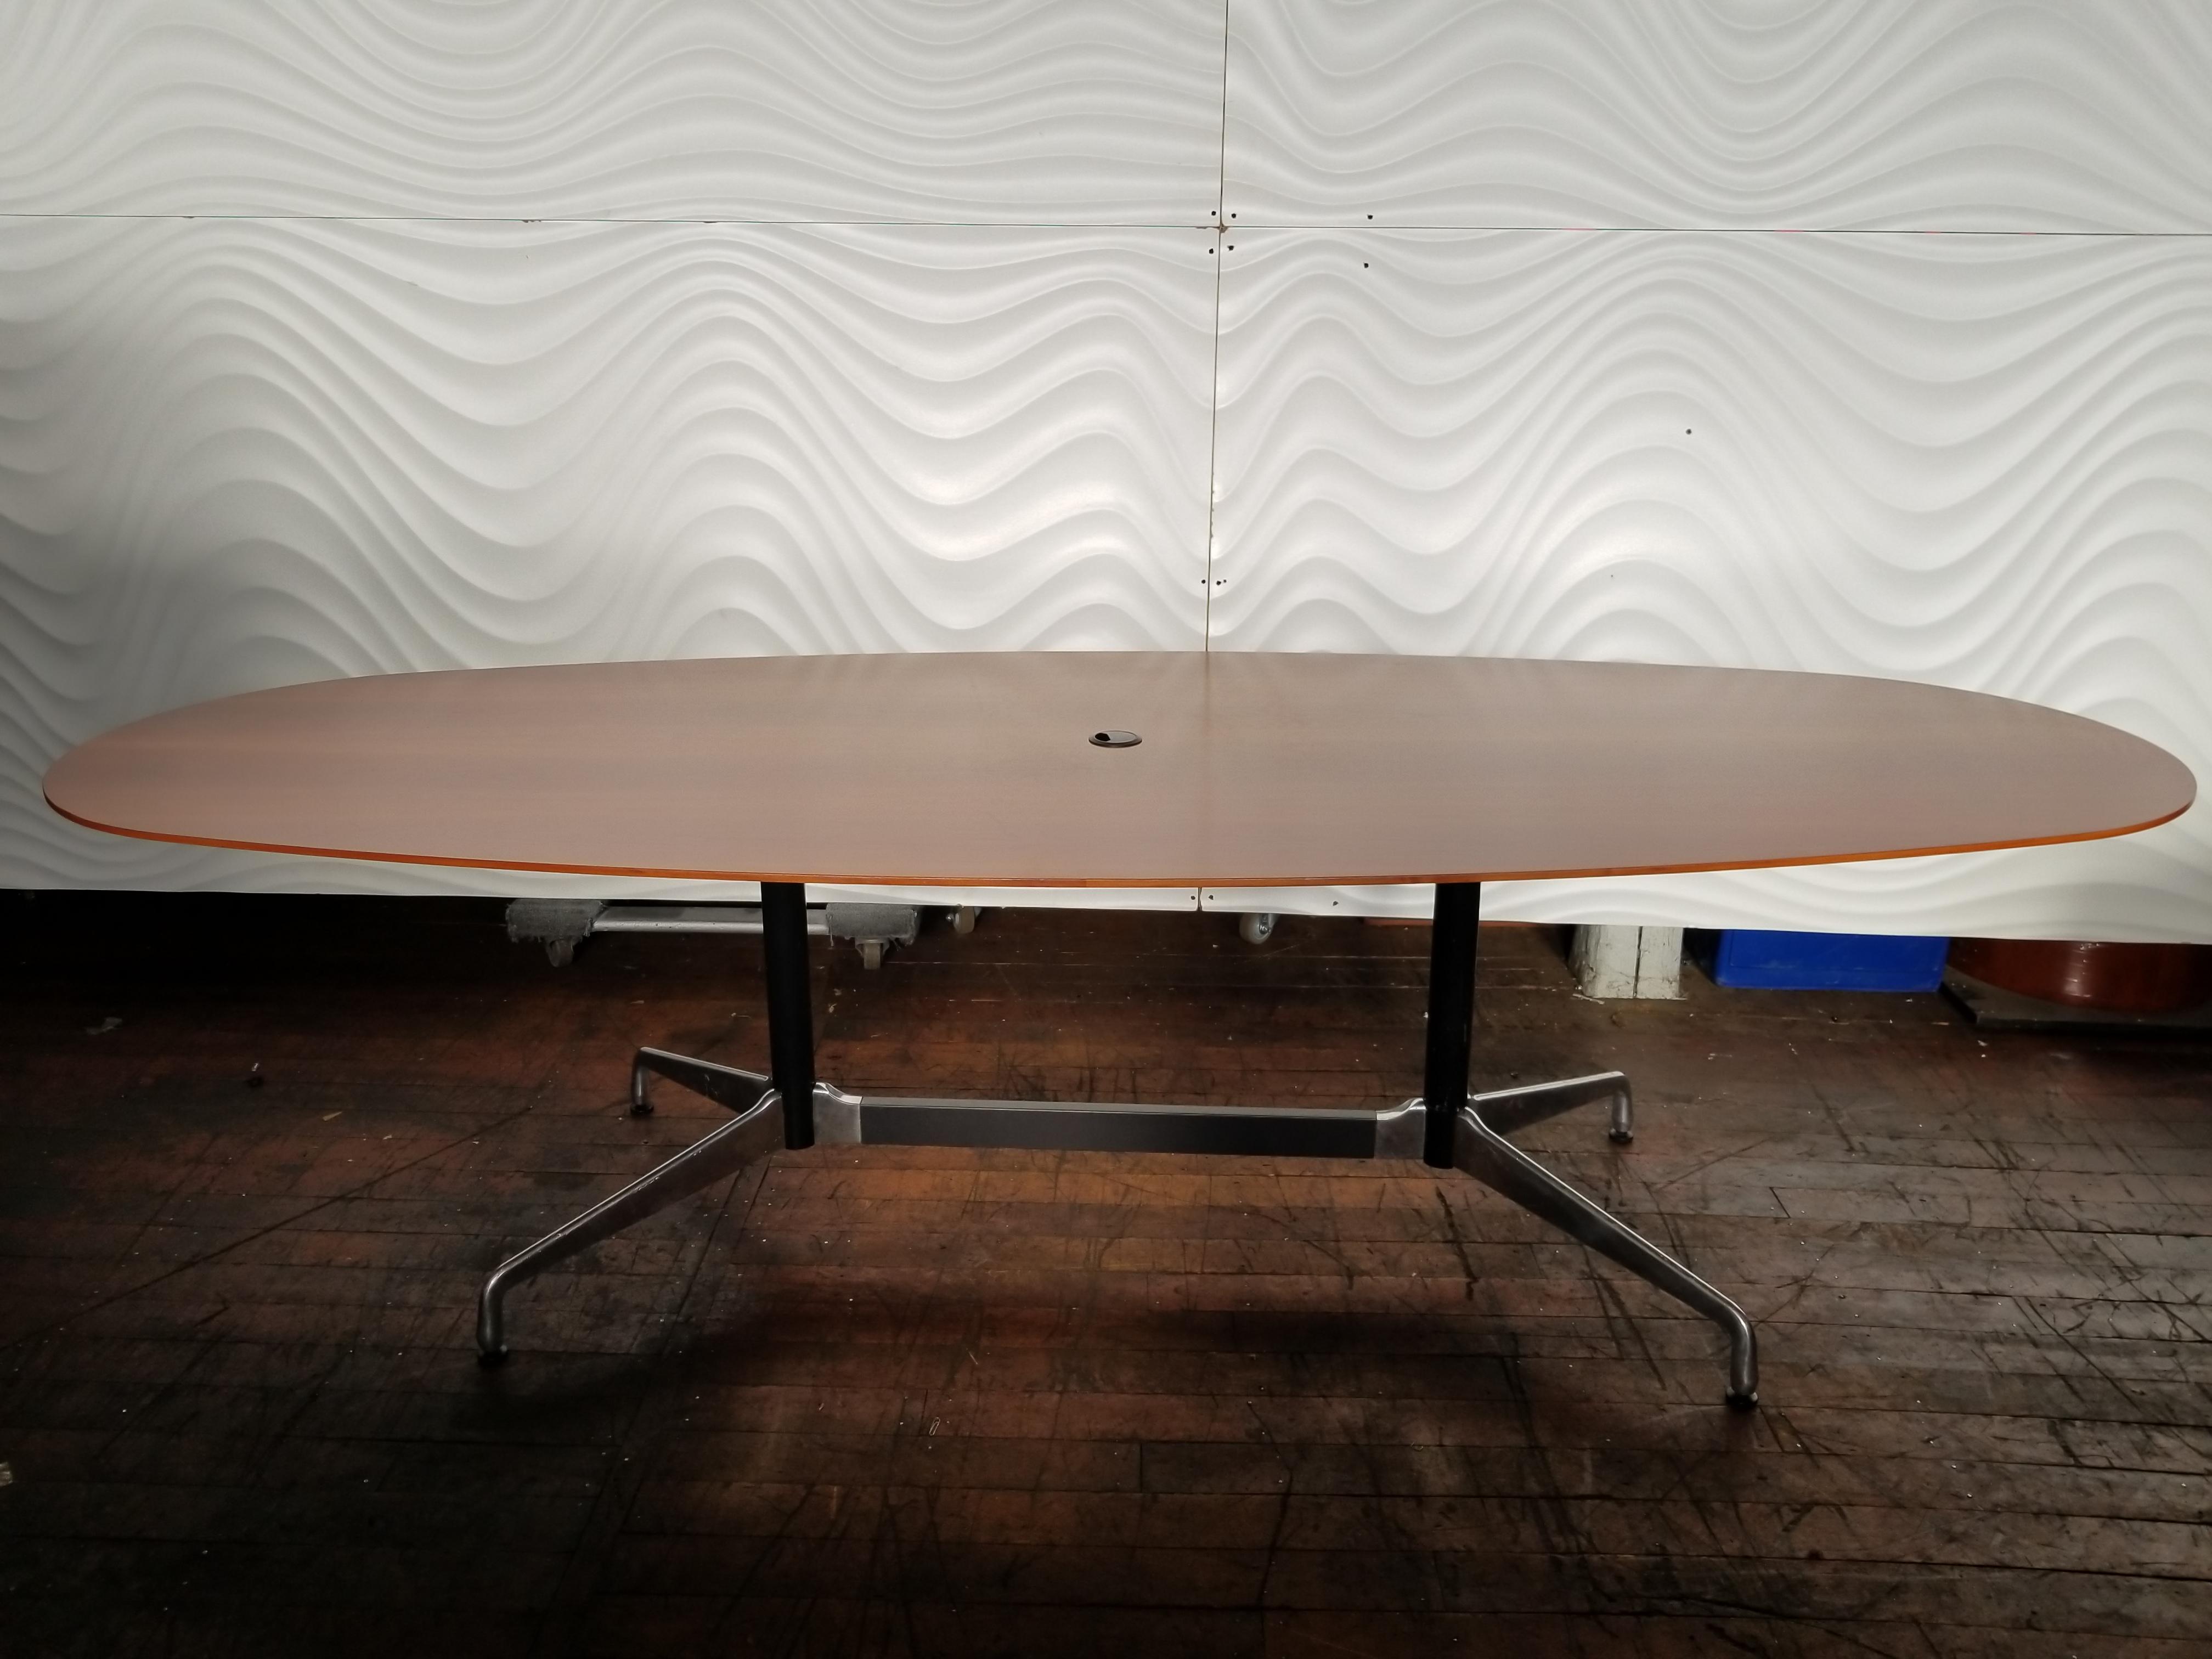 207 A. 42' X 9' Table